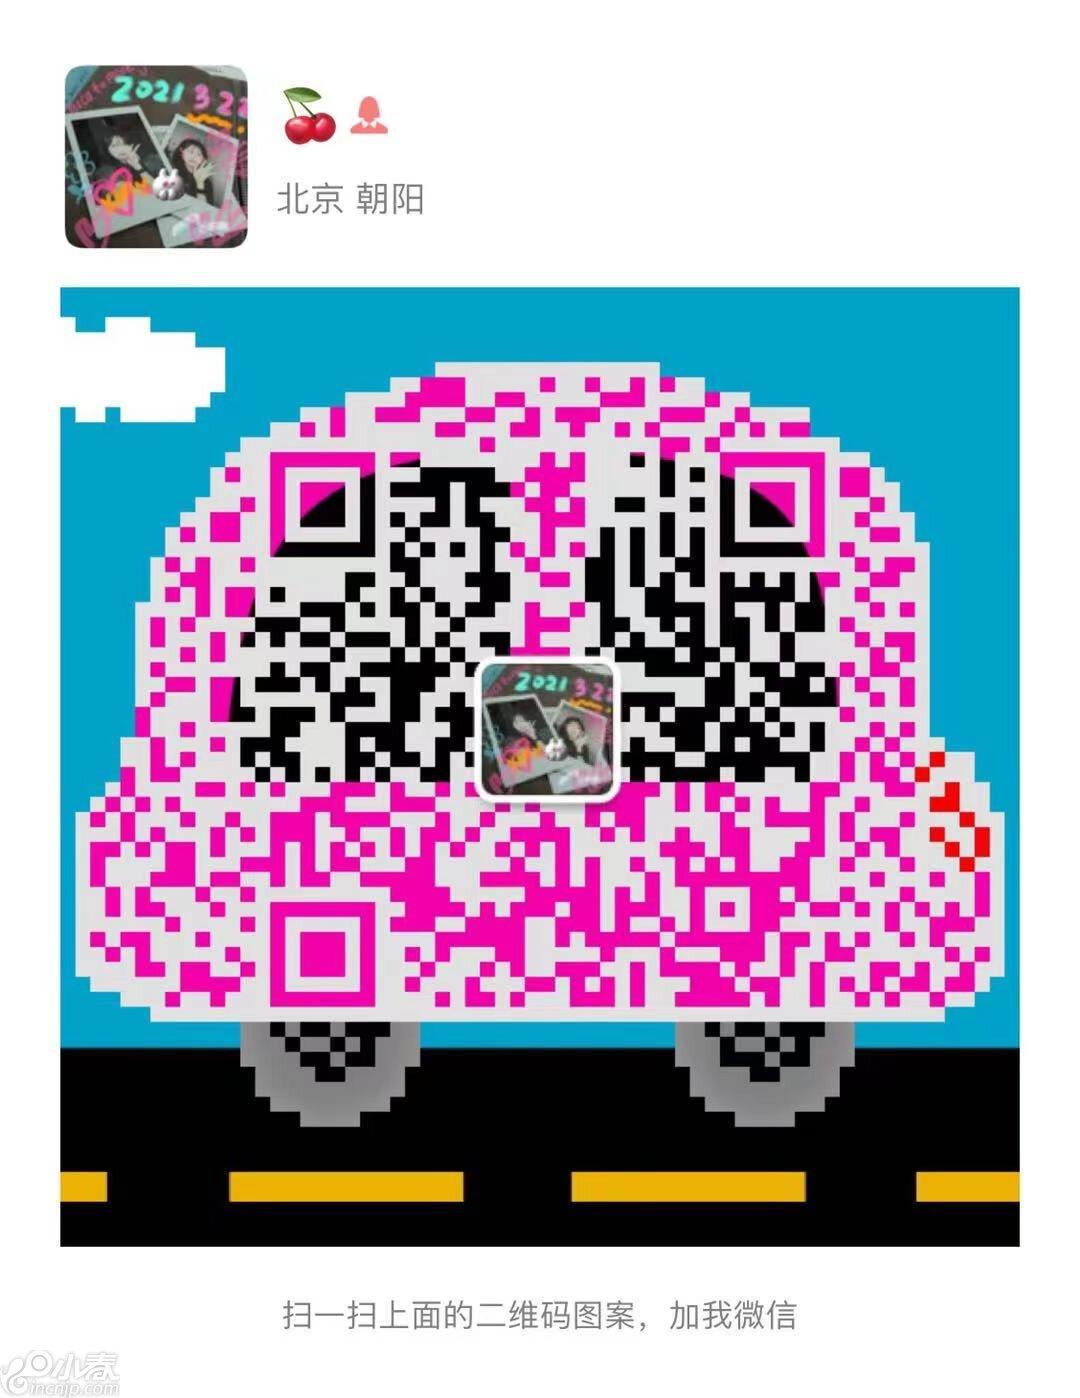 1840EBFC-2F64-48DA-864D-709630C809D9.jpeg